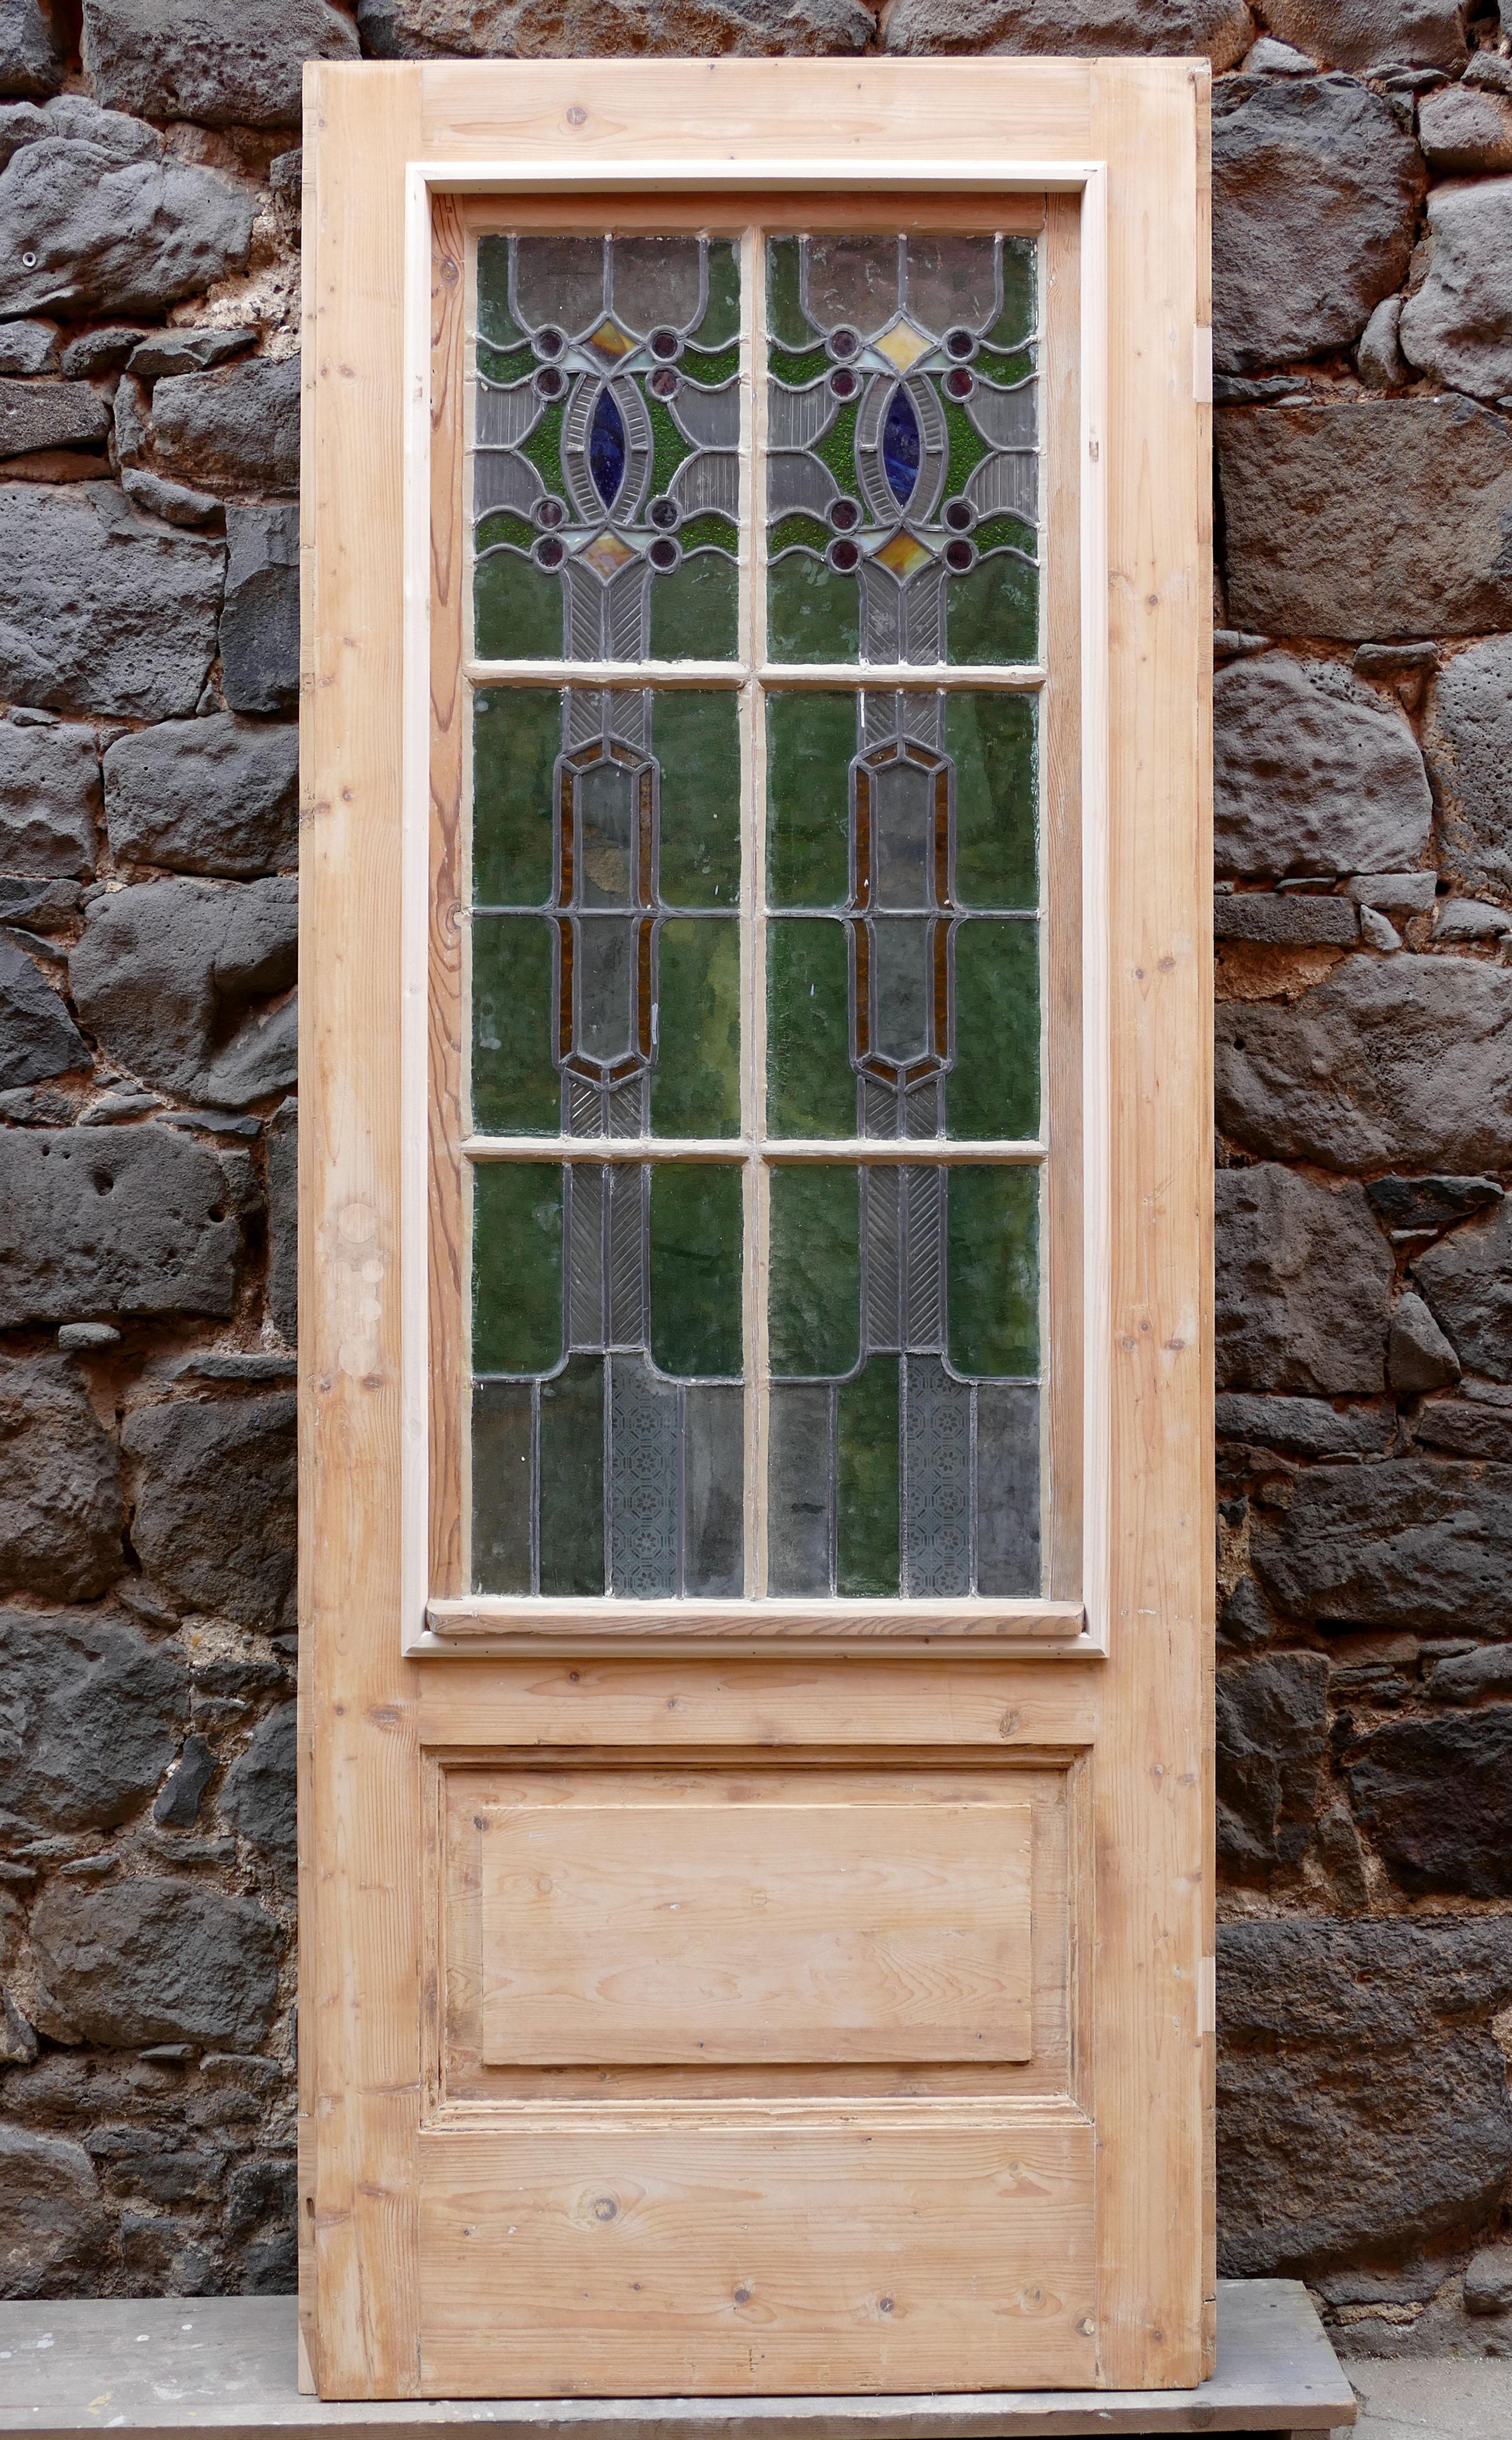 Geliebte Glasscheiben Für Zimmertüren At Wx78 Startupjobsfa